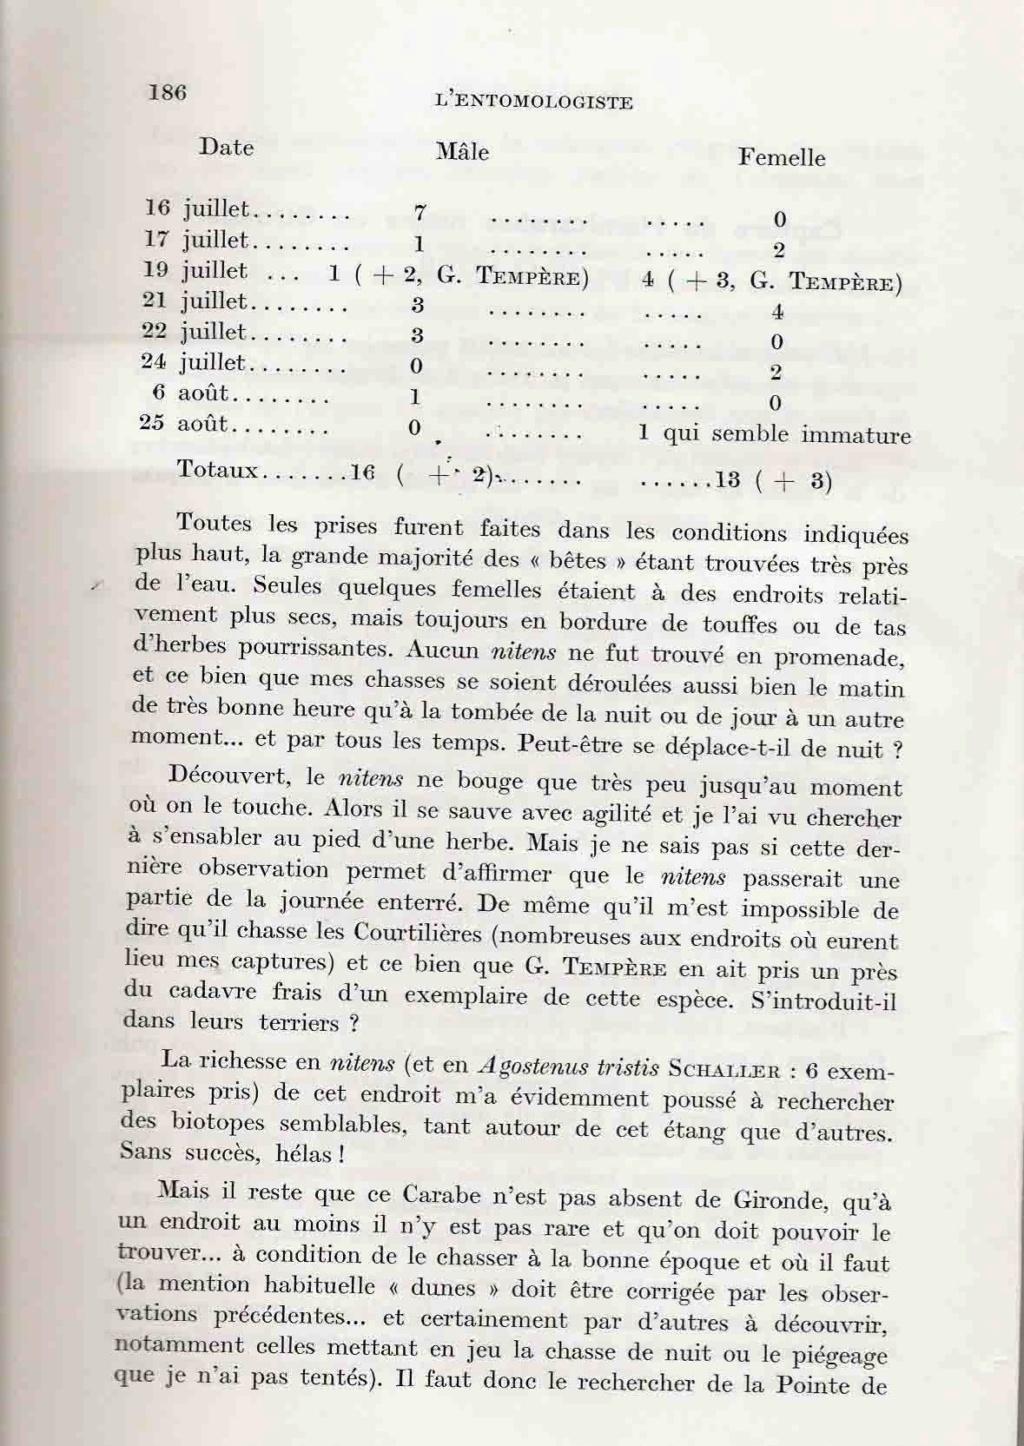 [Carabus (Hemicarabus) nitens nitens], Linné 1758 - Page 2 Clavie13